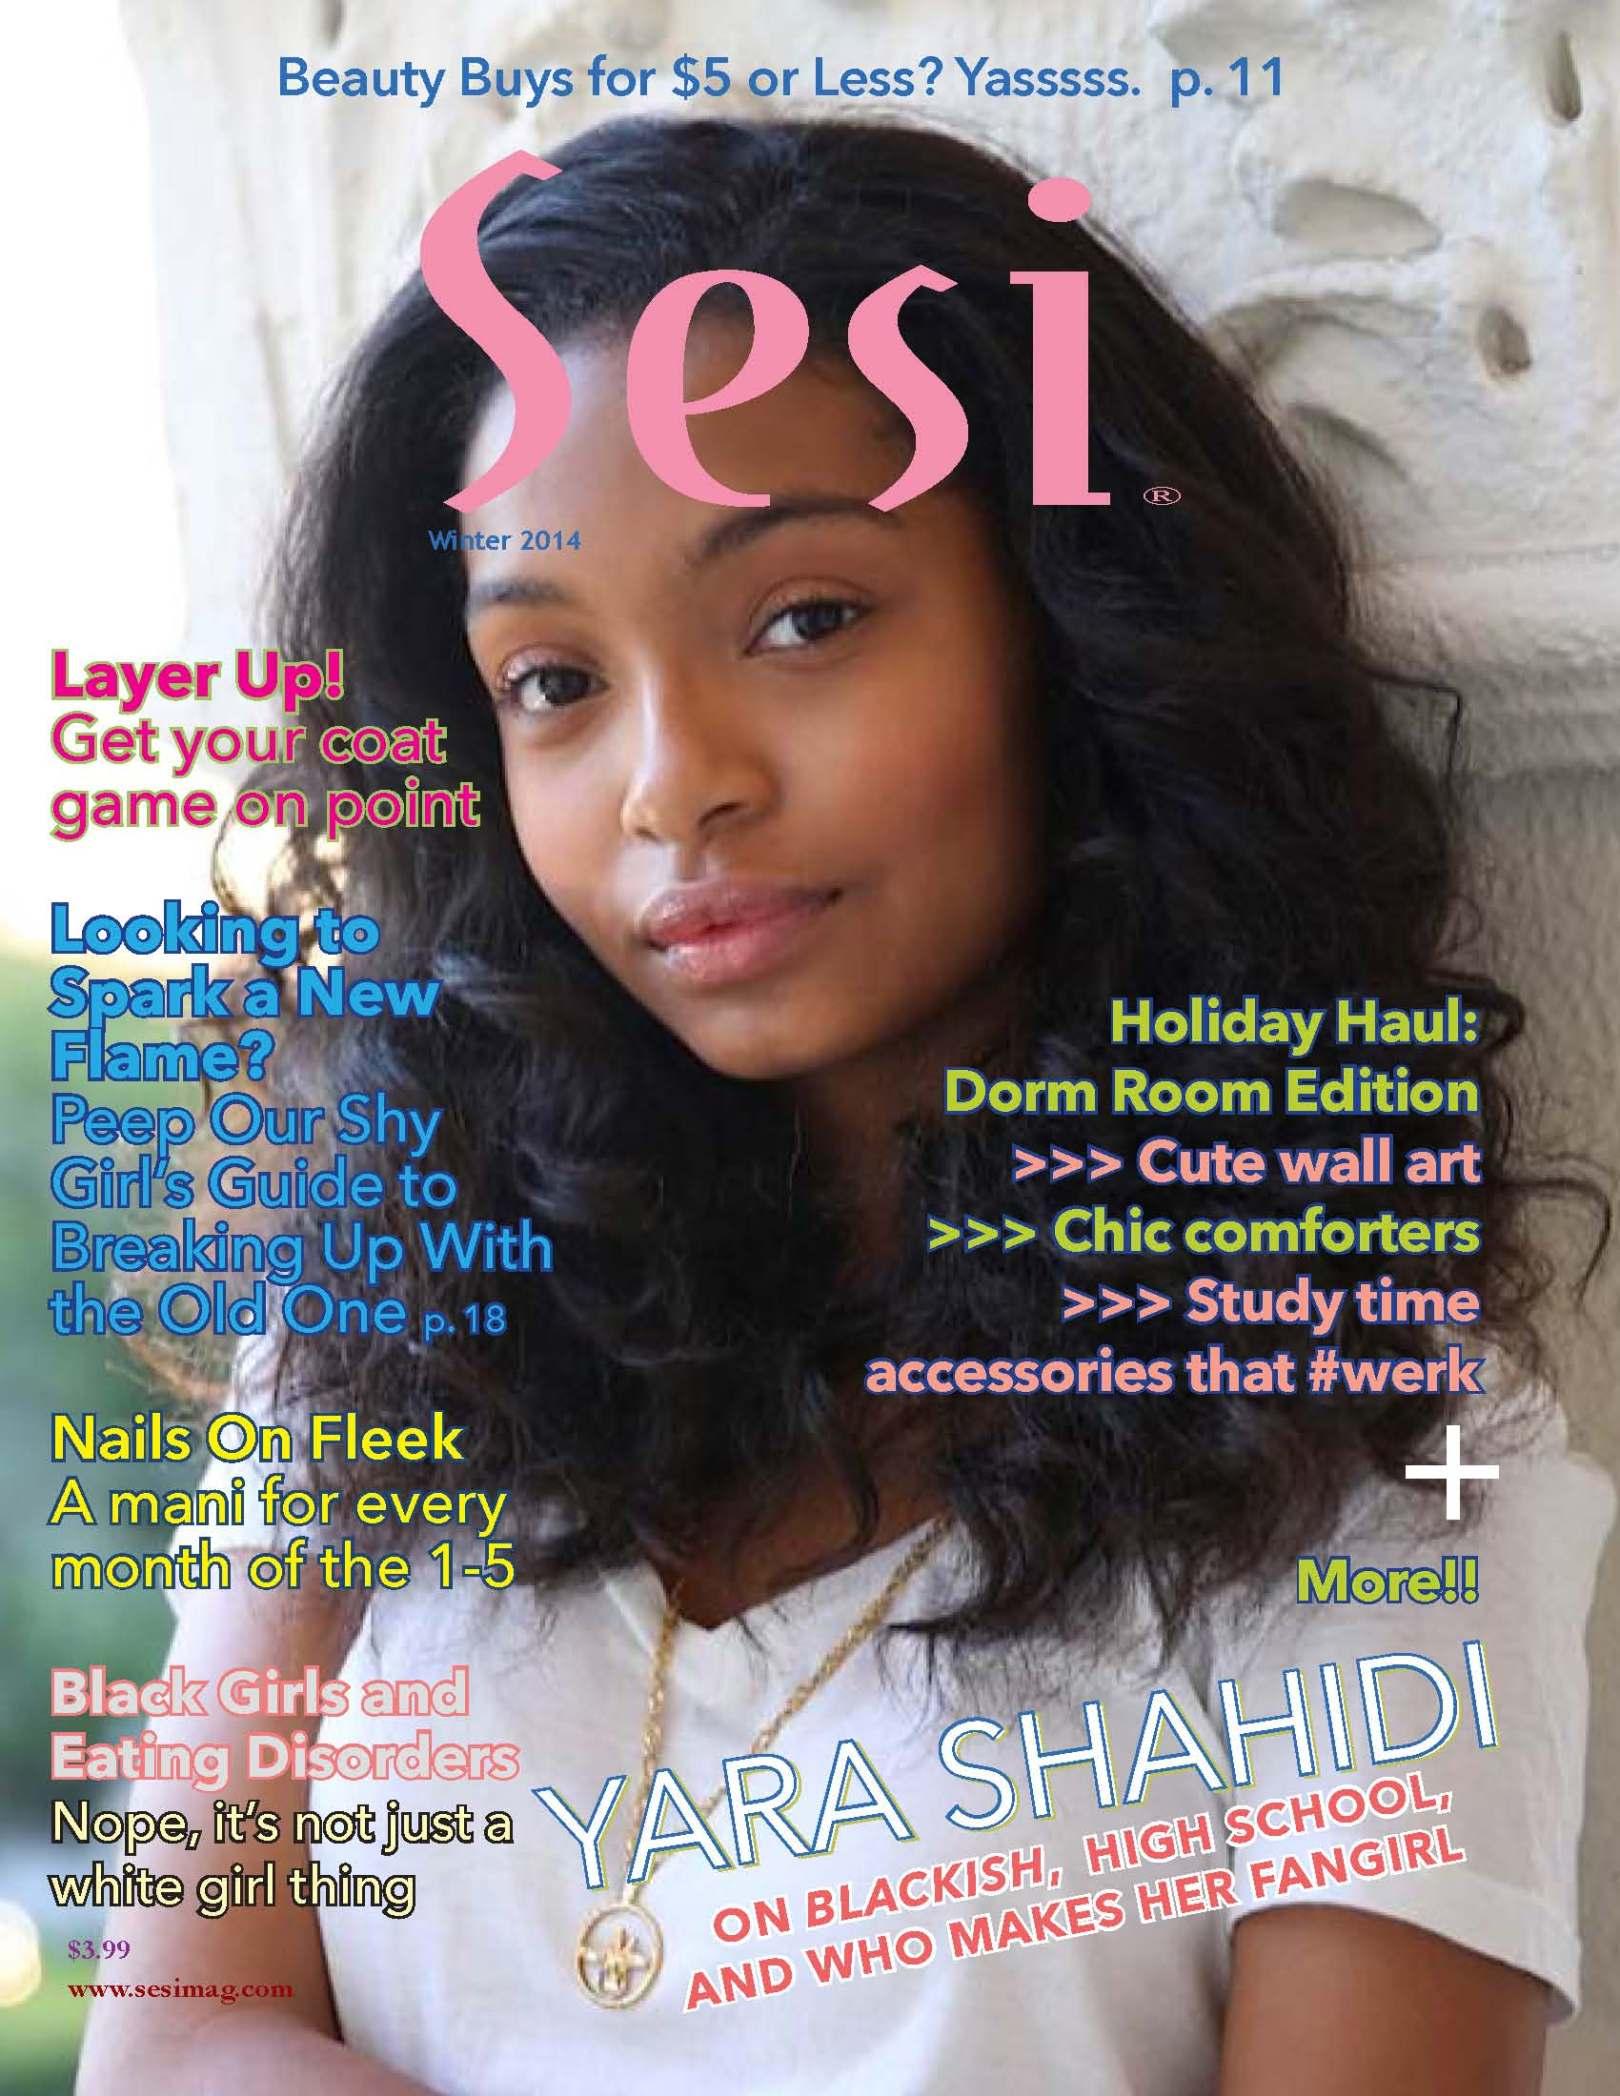 Sesi magazine winter 2014 issue cover with Yara Shahidi